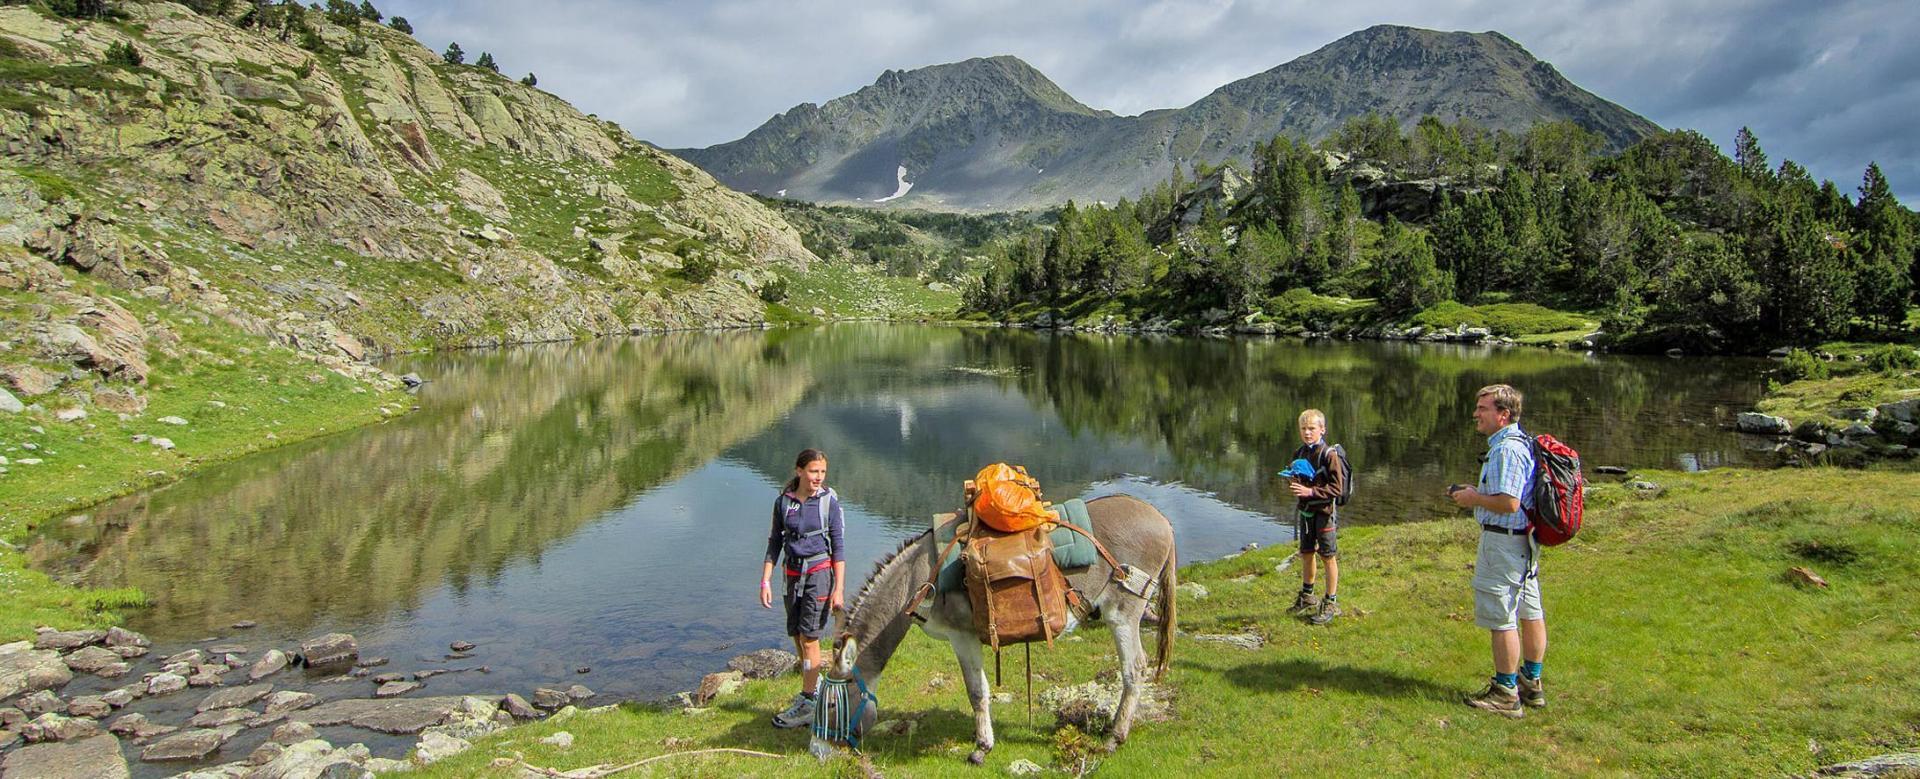 Voyage à pied : Trappeurs des pyrénées